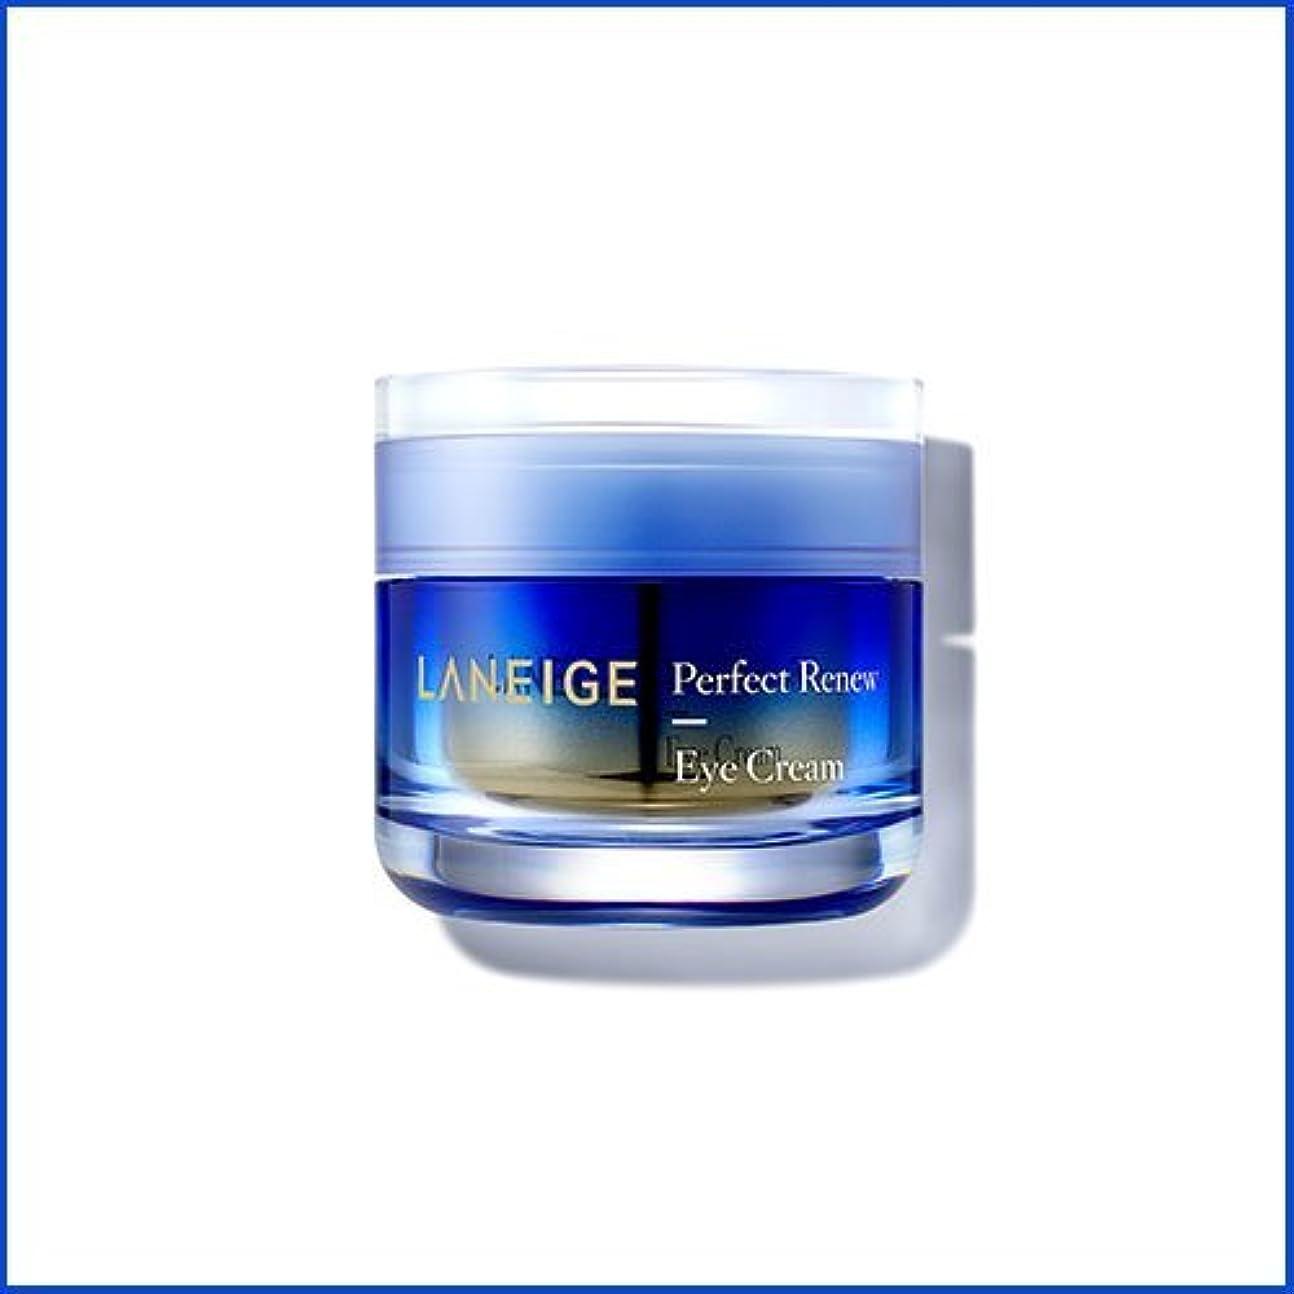 オフスライスイソギンチャク【ラネージュ】【LANEIGE】【韓国コスメ】【アイクリーム 】 パーフェクト リニュー アイ クリーム 20ml Perfect Renew Eye Cream [並行輸入品]